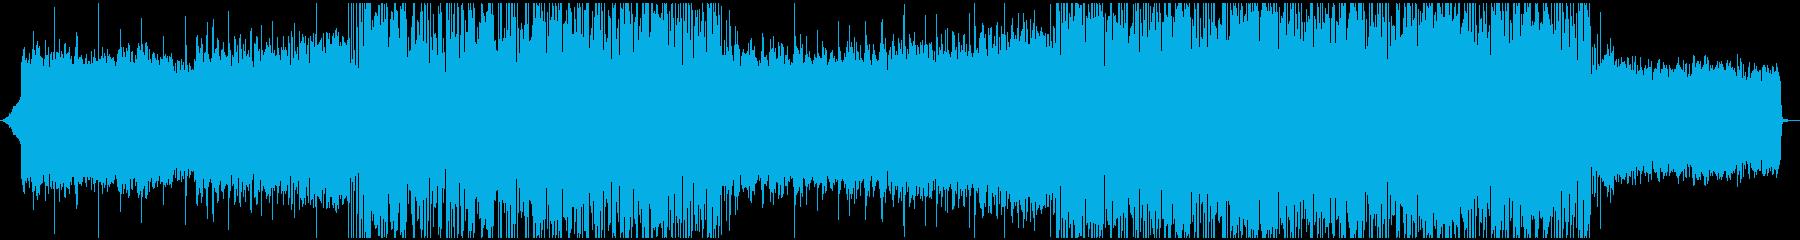 おしゃれな映像に、Future Bassの再生済みの波形